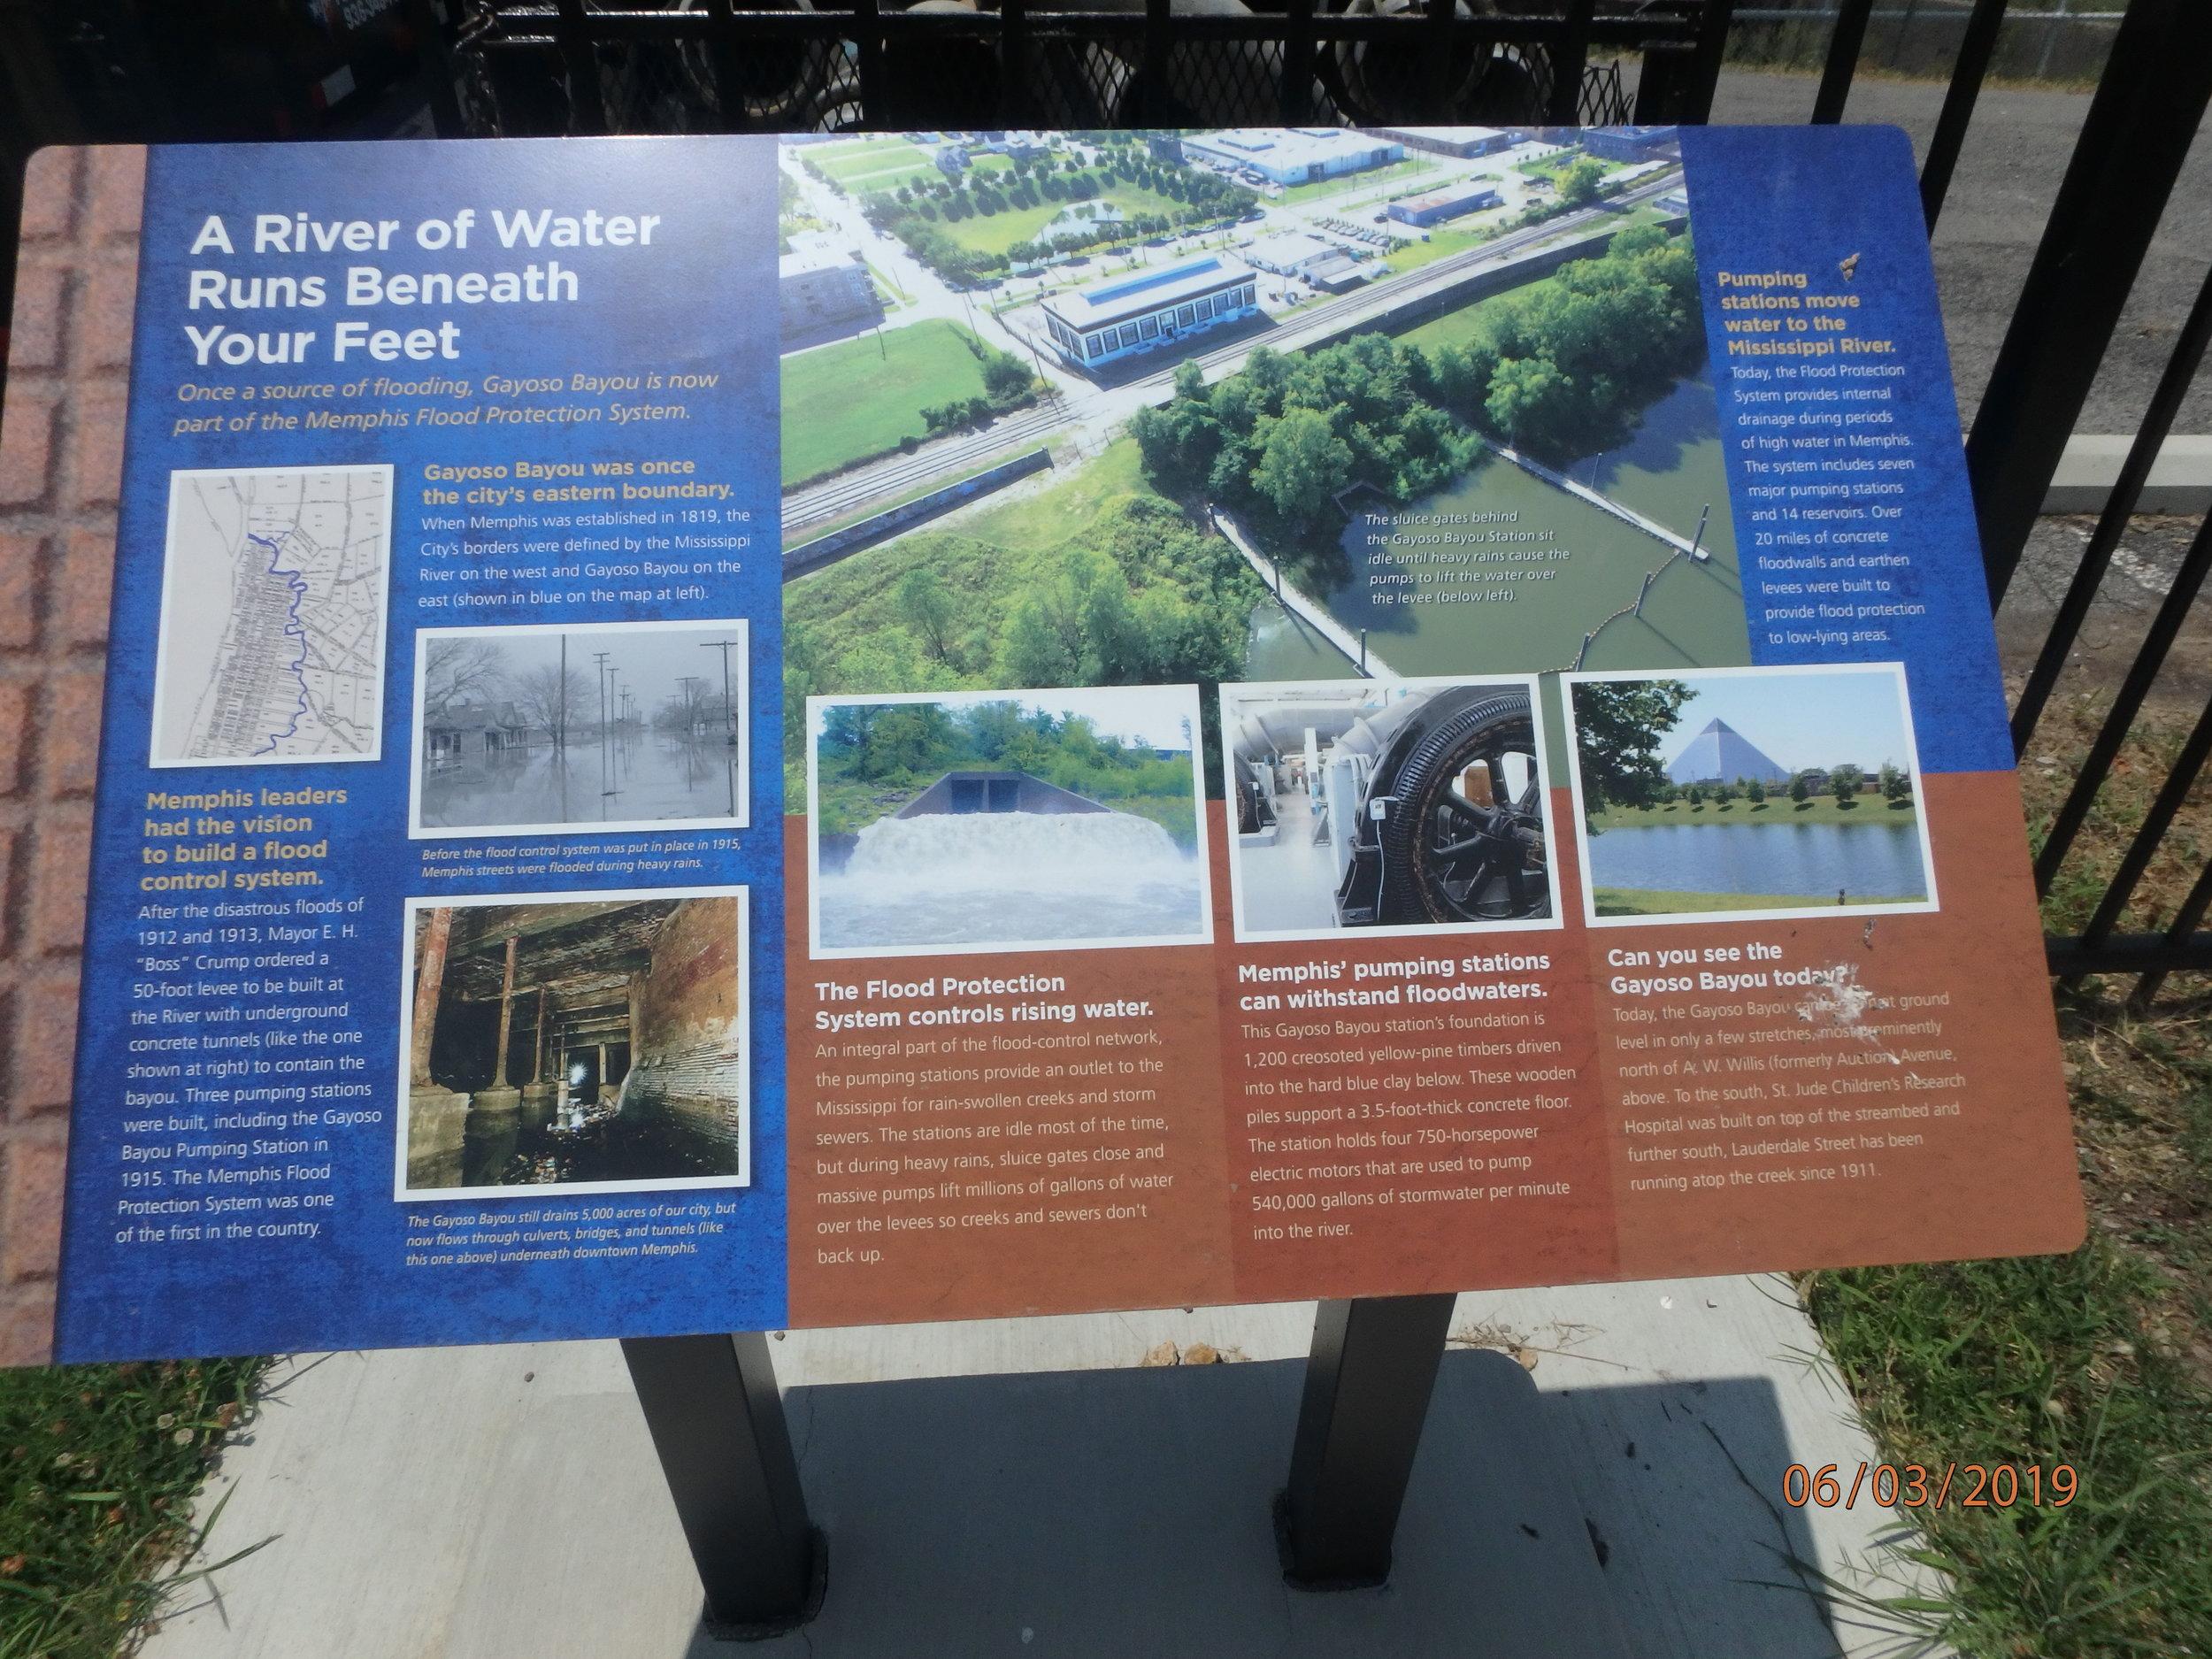 Day 1: Gayoso Bayou, Memphis and MS4 history